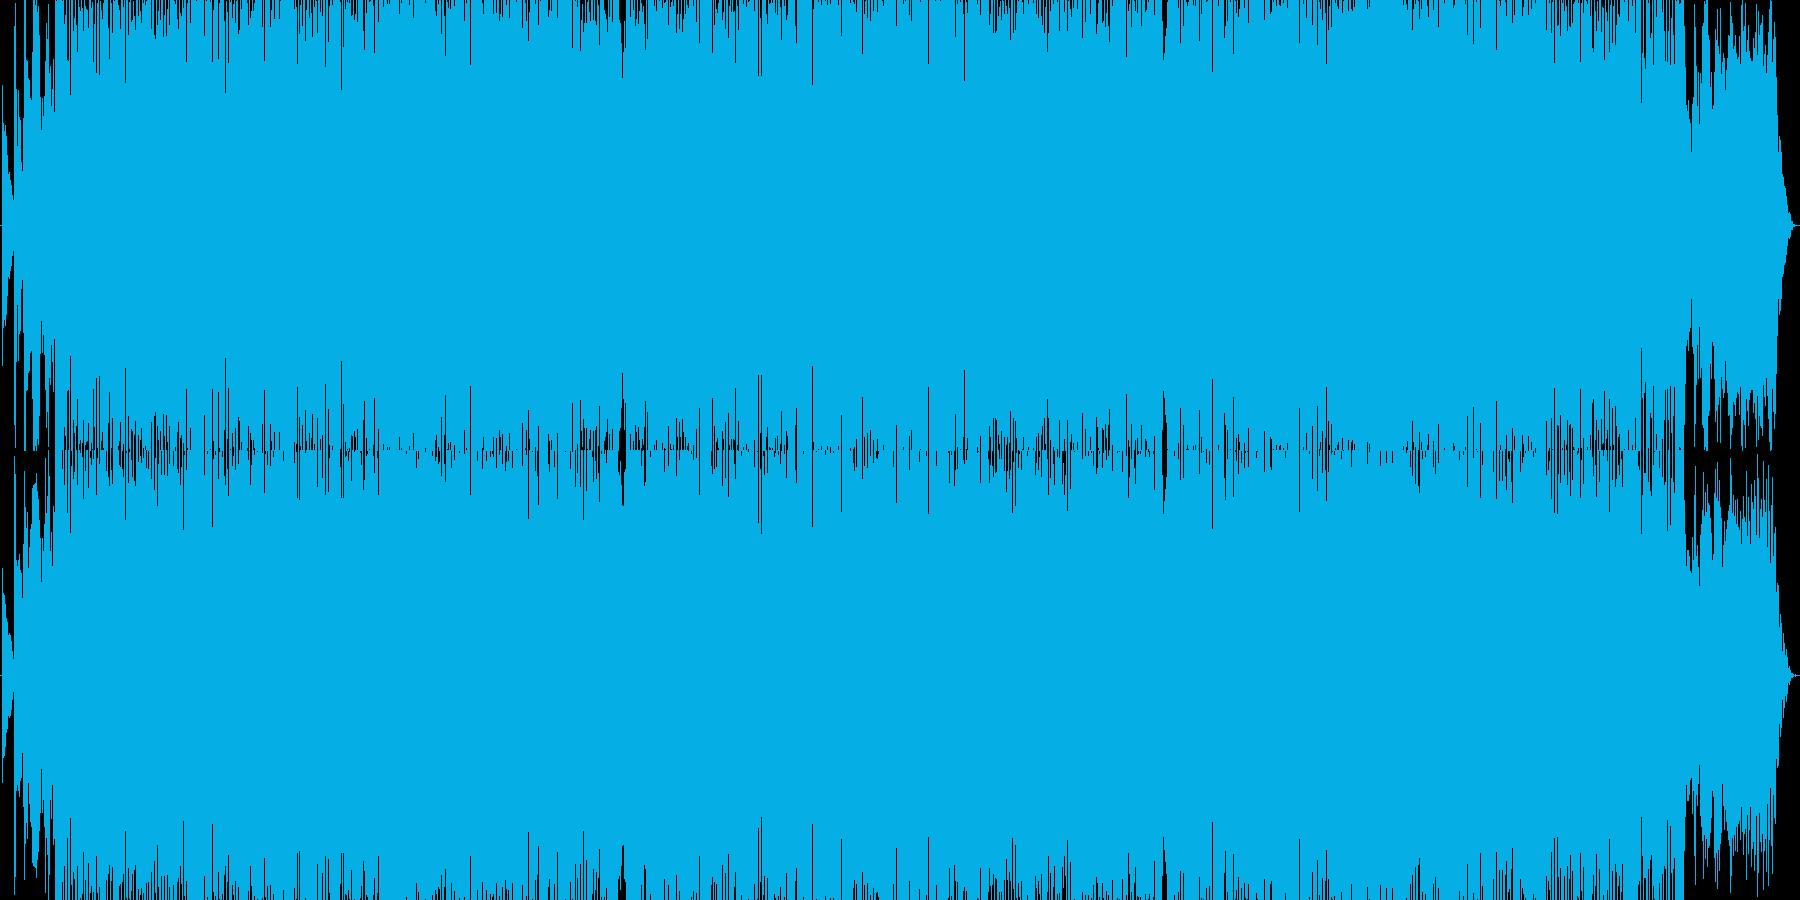 アシッドジャズ・ハウス調のポップスの再生済みの波形